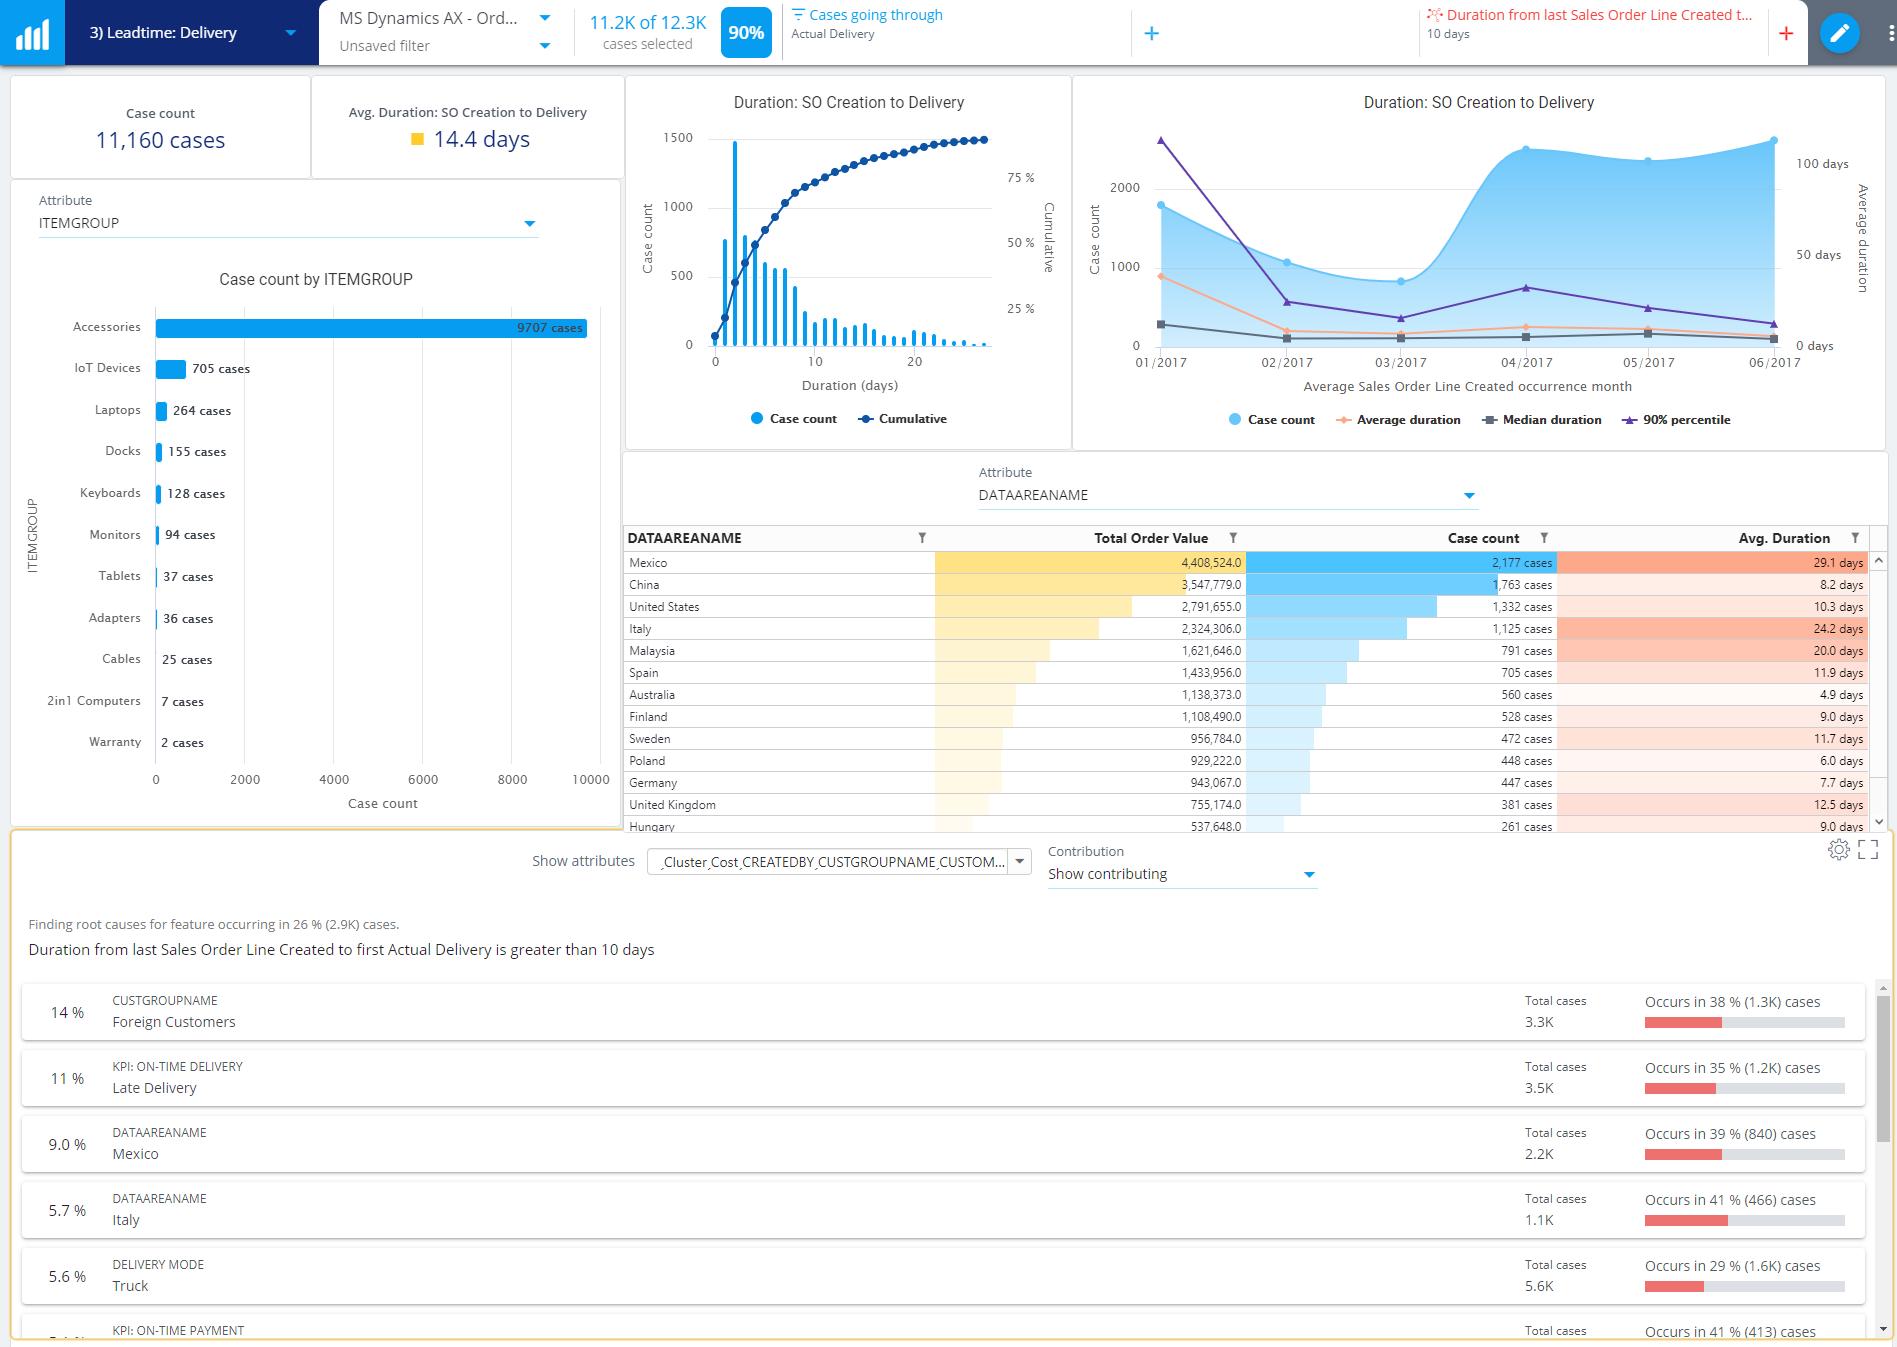 QPR-Connectors-Microsoft-Dynamics-AX+Process-Mining